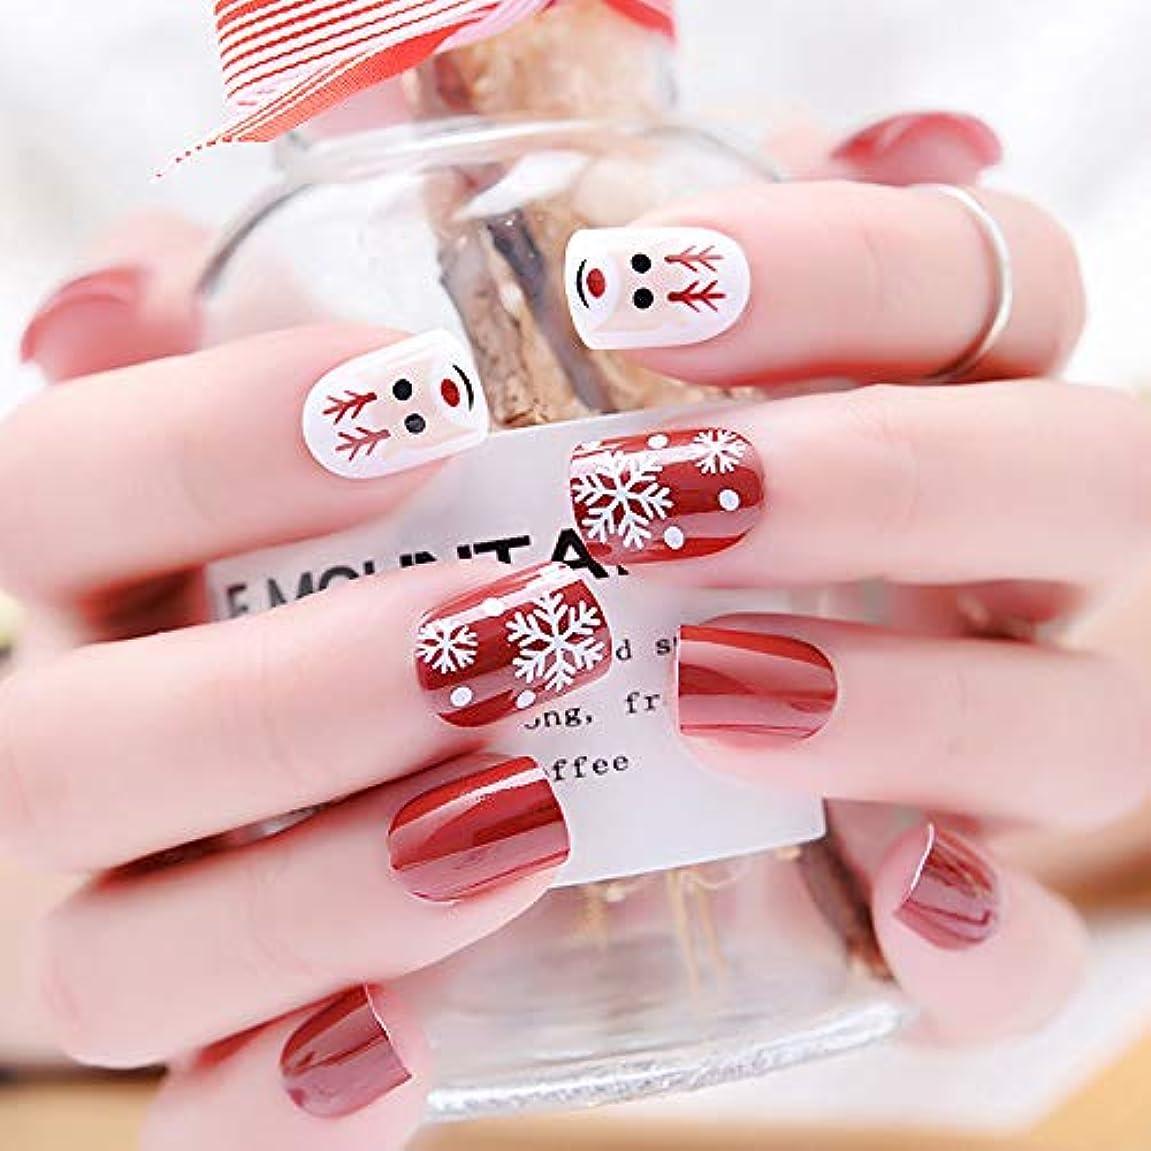 ヘルシー黄ばむ感情のXUTXZKA 休日のネイルアートのヒントの装飾のための24pcsフェイクネイルスノーフレーク人工爪